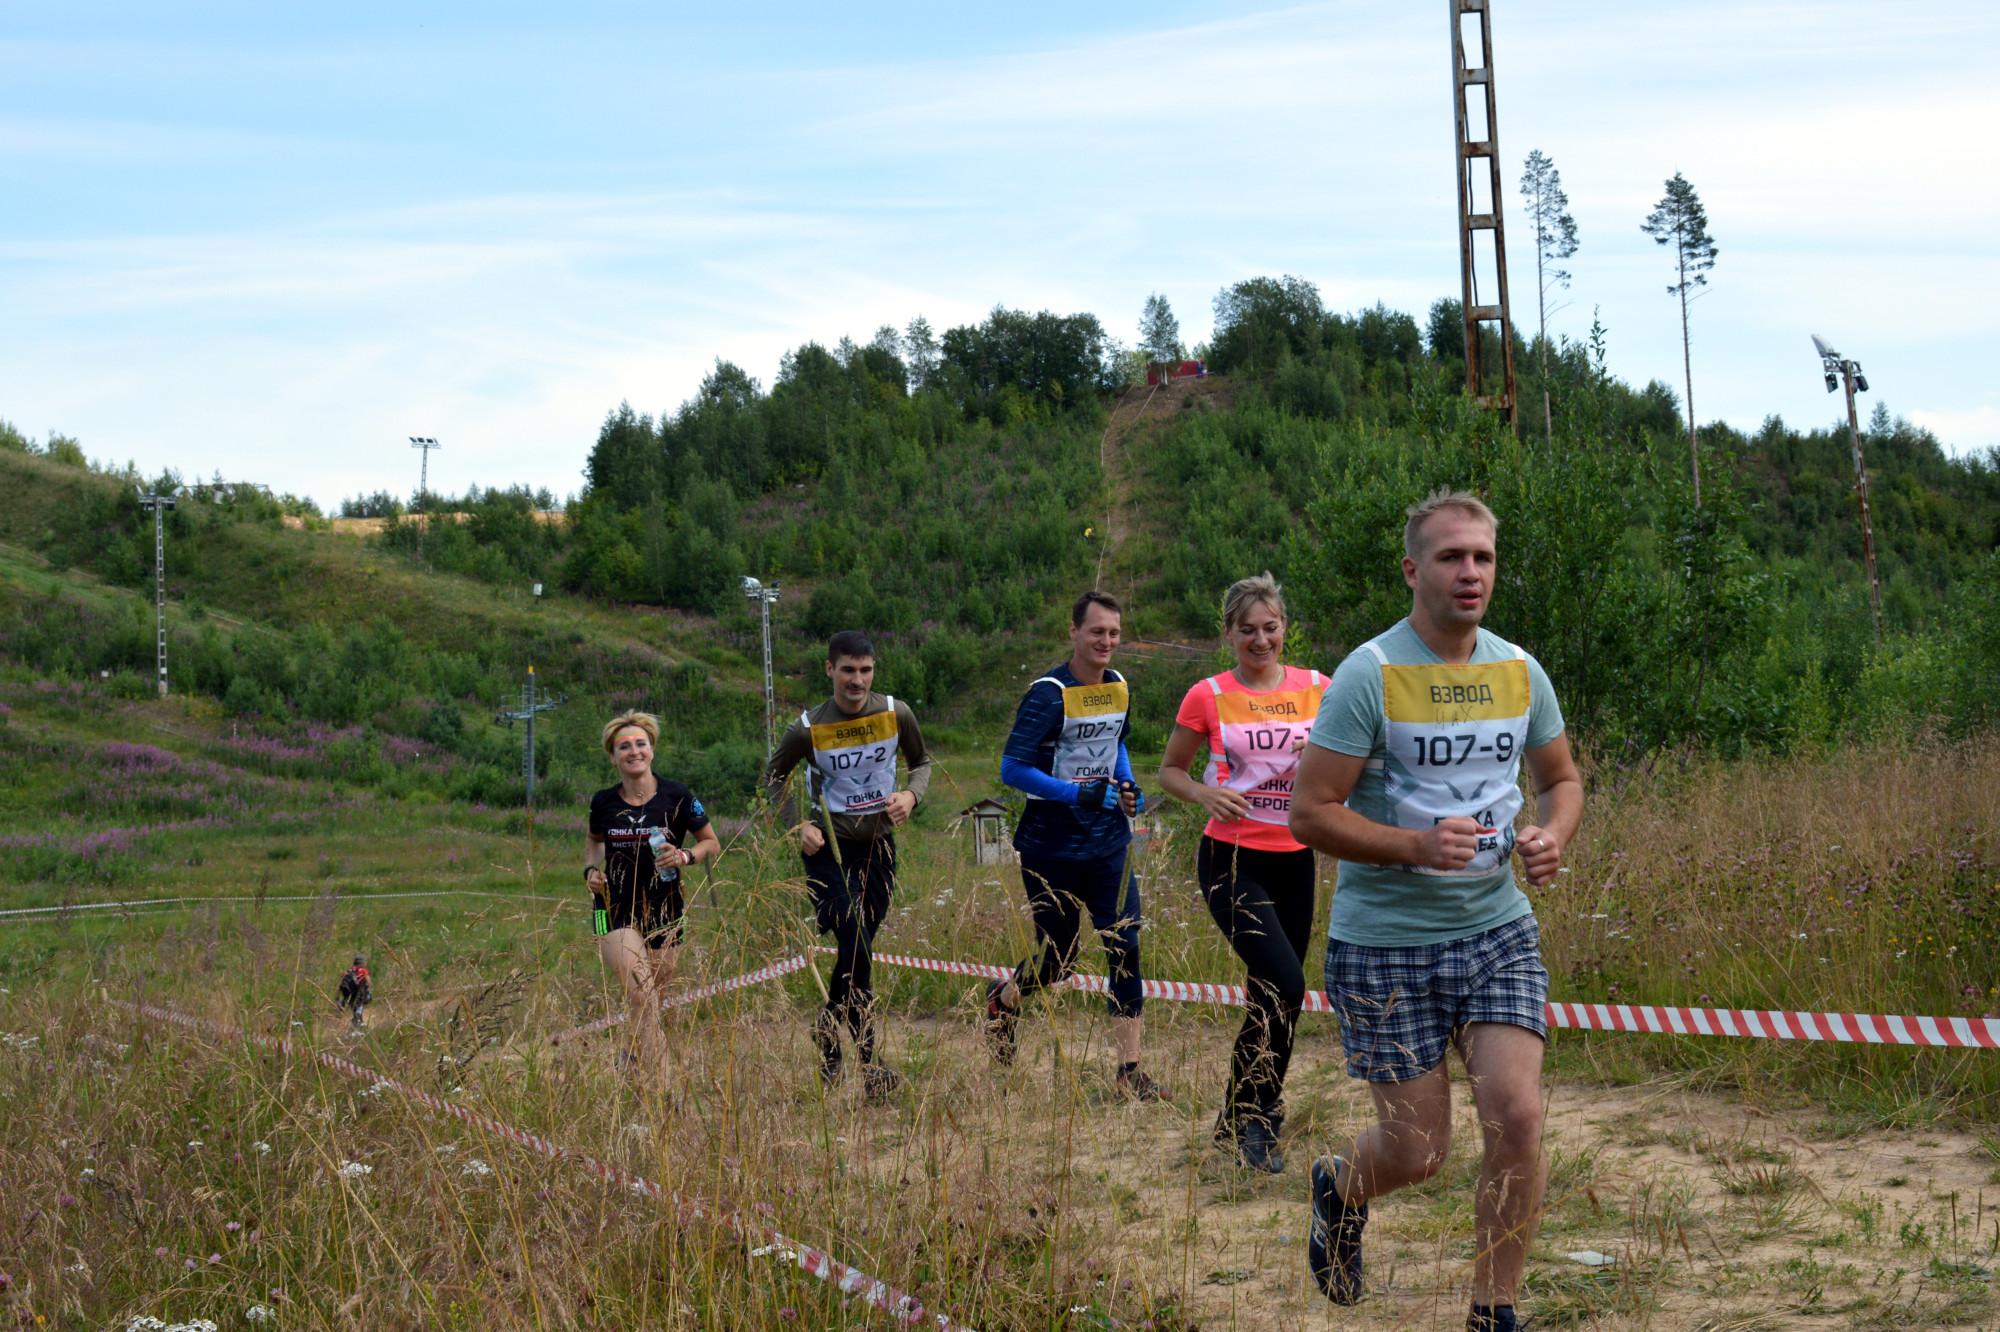 Гонка героев спорт лёгкая атлетика бег